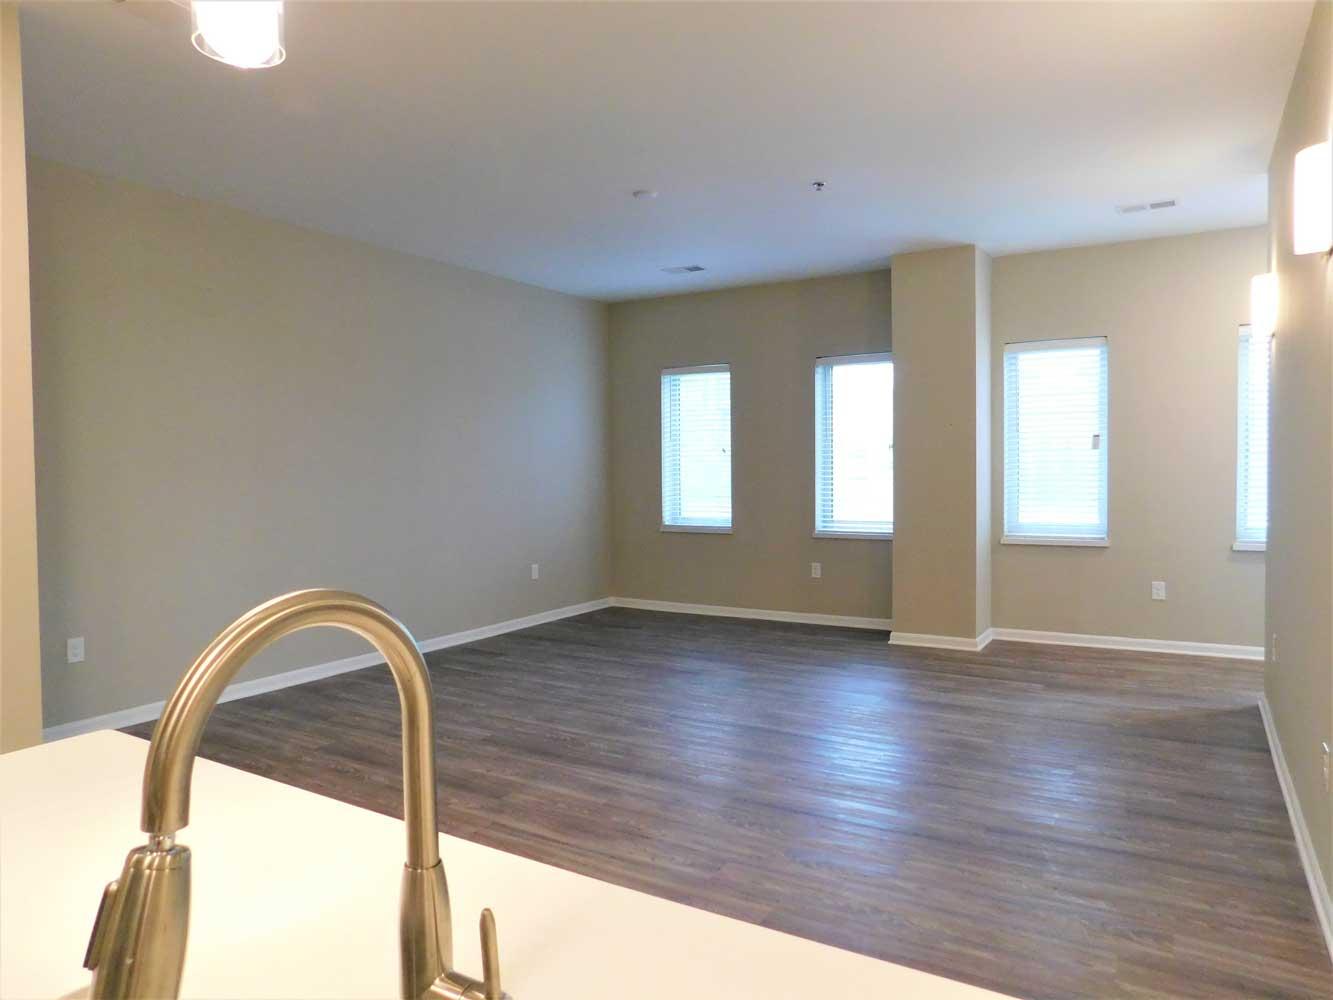 2 Bedroom Units at Midtown Plaza Apartments in Kansas City, MO